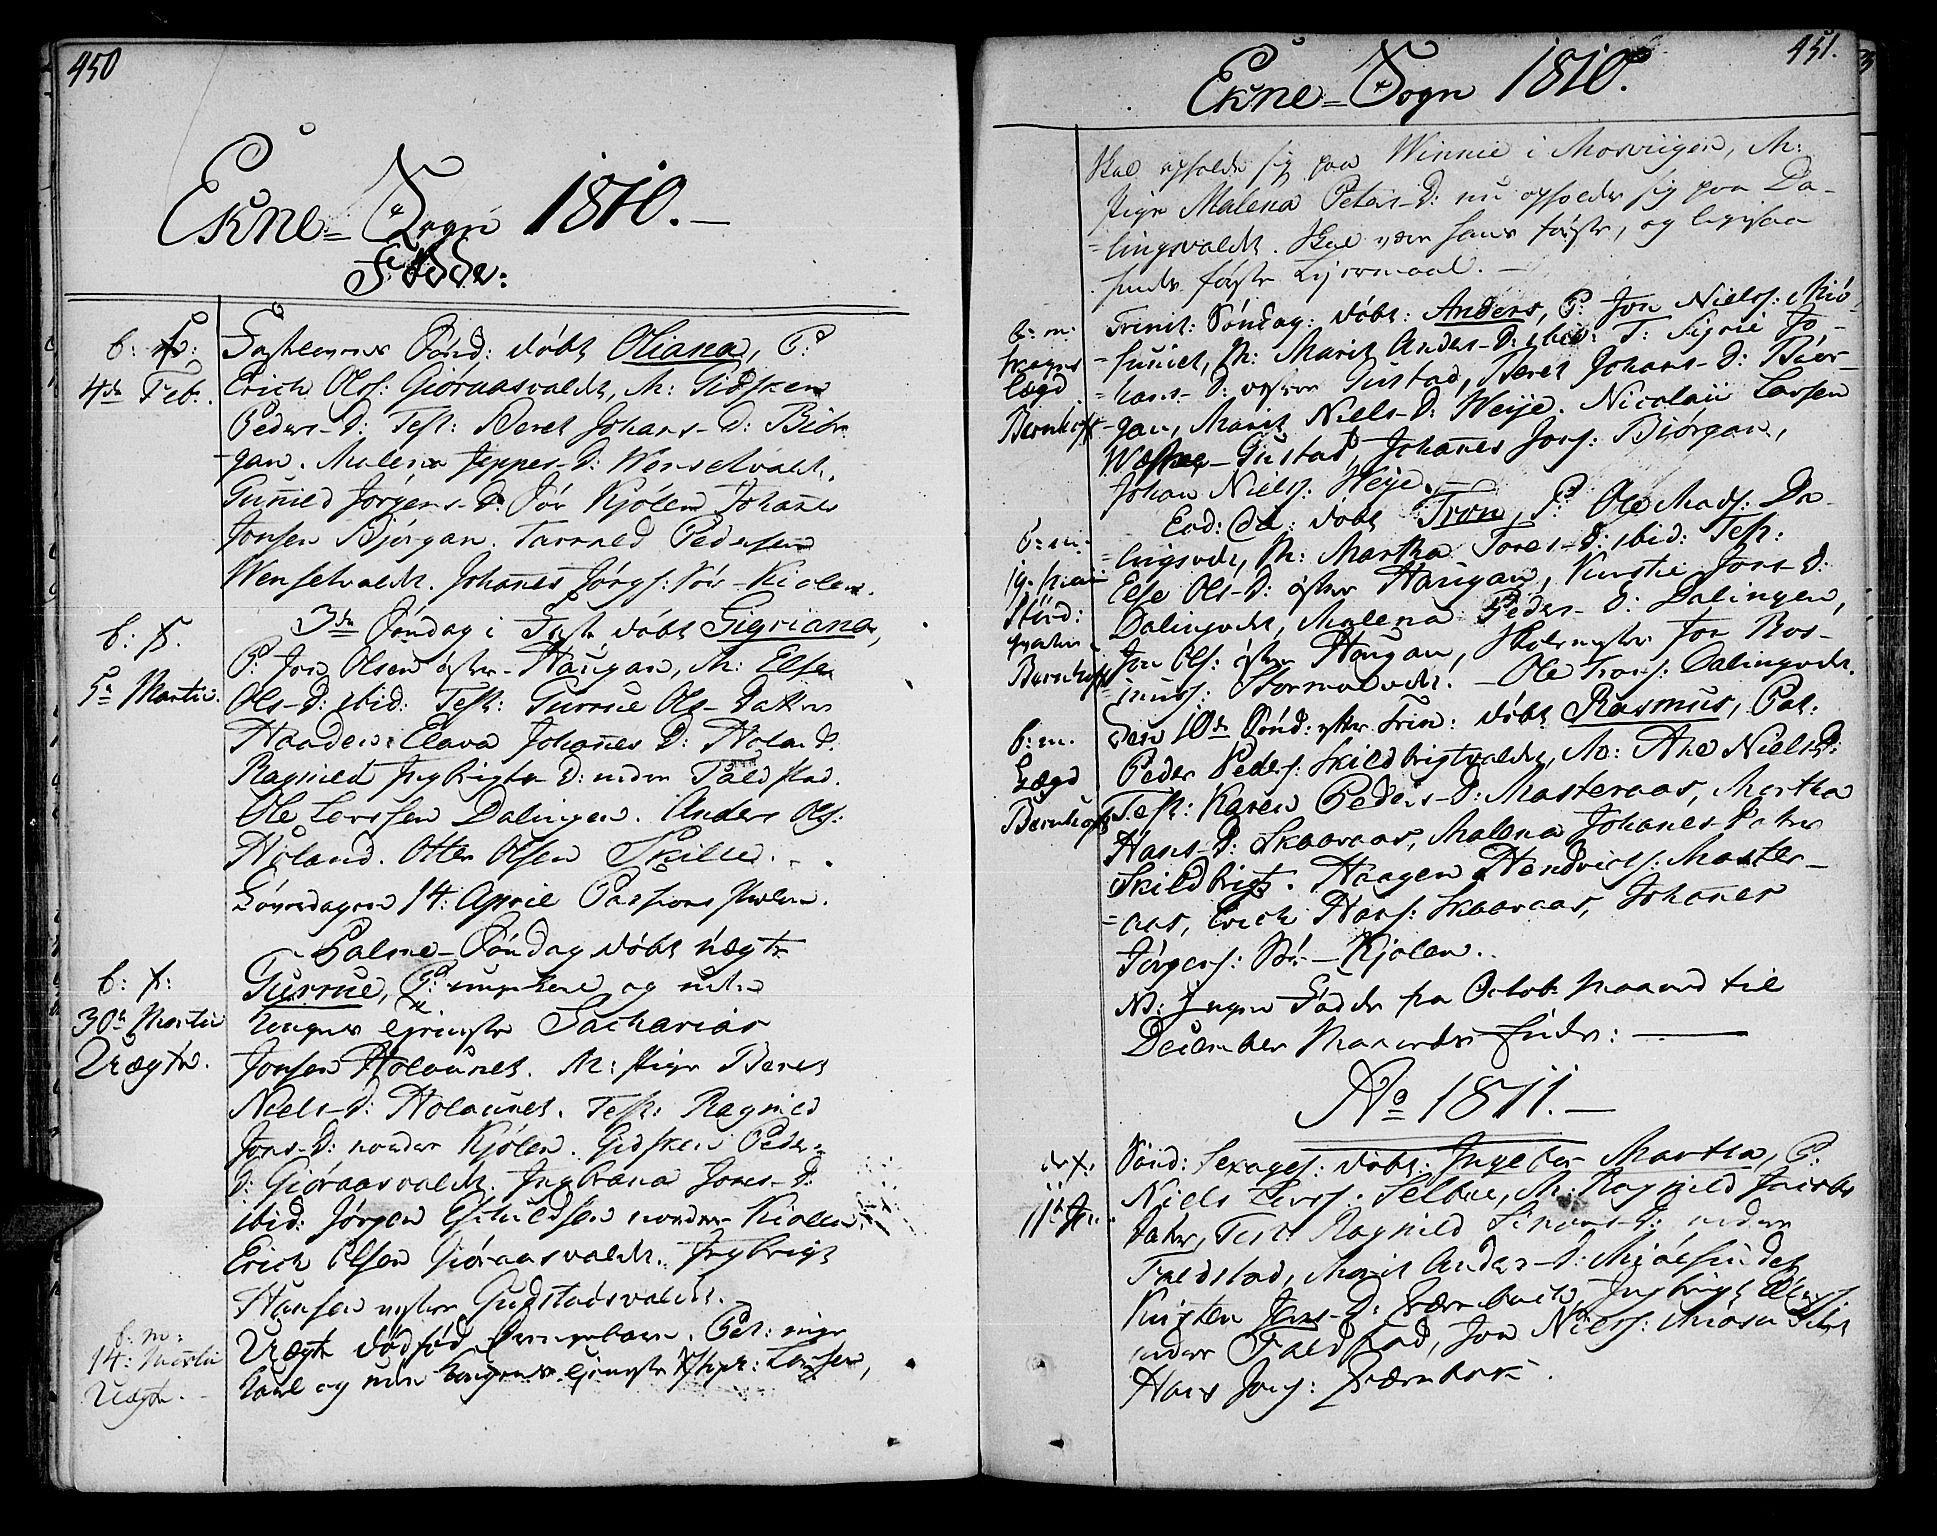 SAT, Ministerialprotokoller, klokkerbøker og fødselsregistre - Nord-Trøndelag, 717/L0145: Ministerialbok nr. 717A03 /2, 1810-1815, s. 450-451